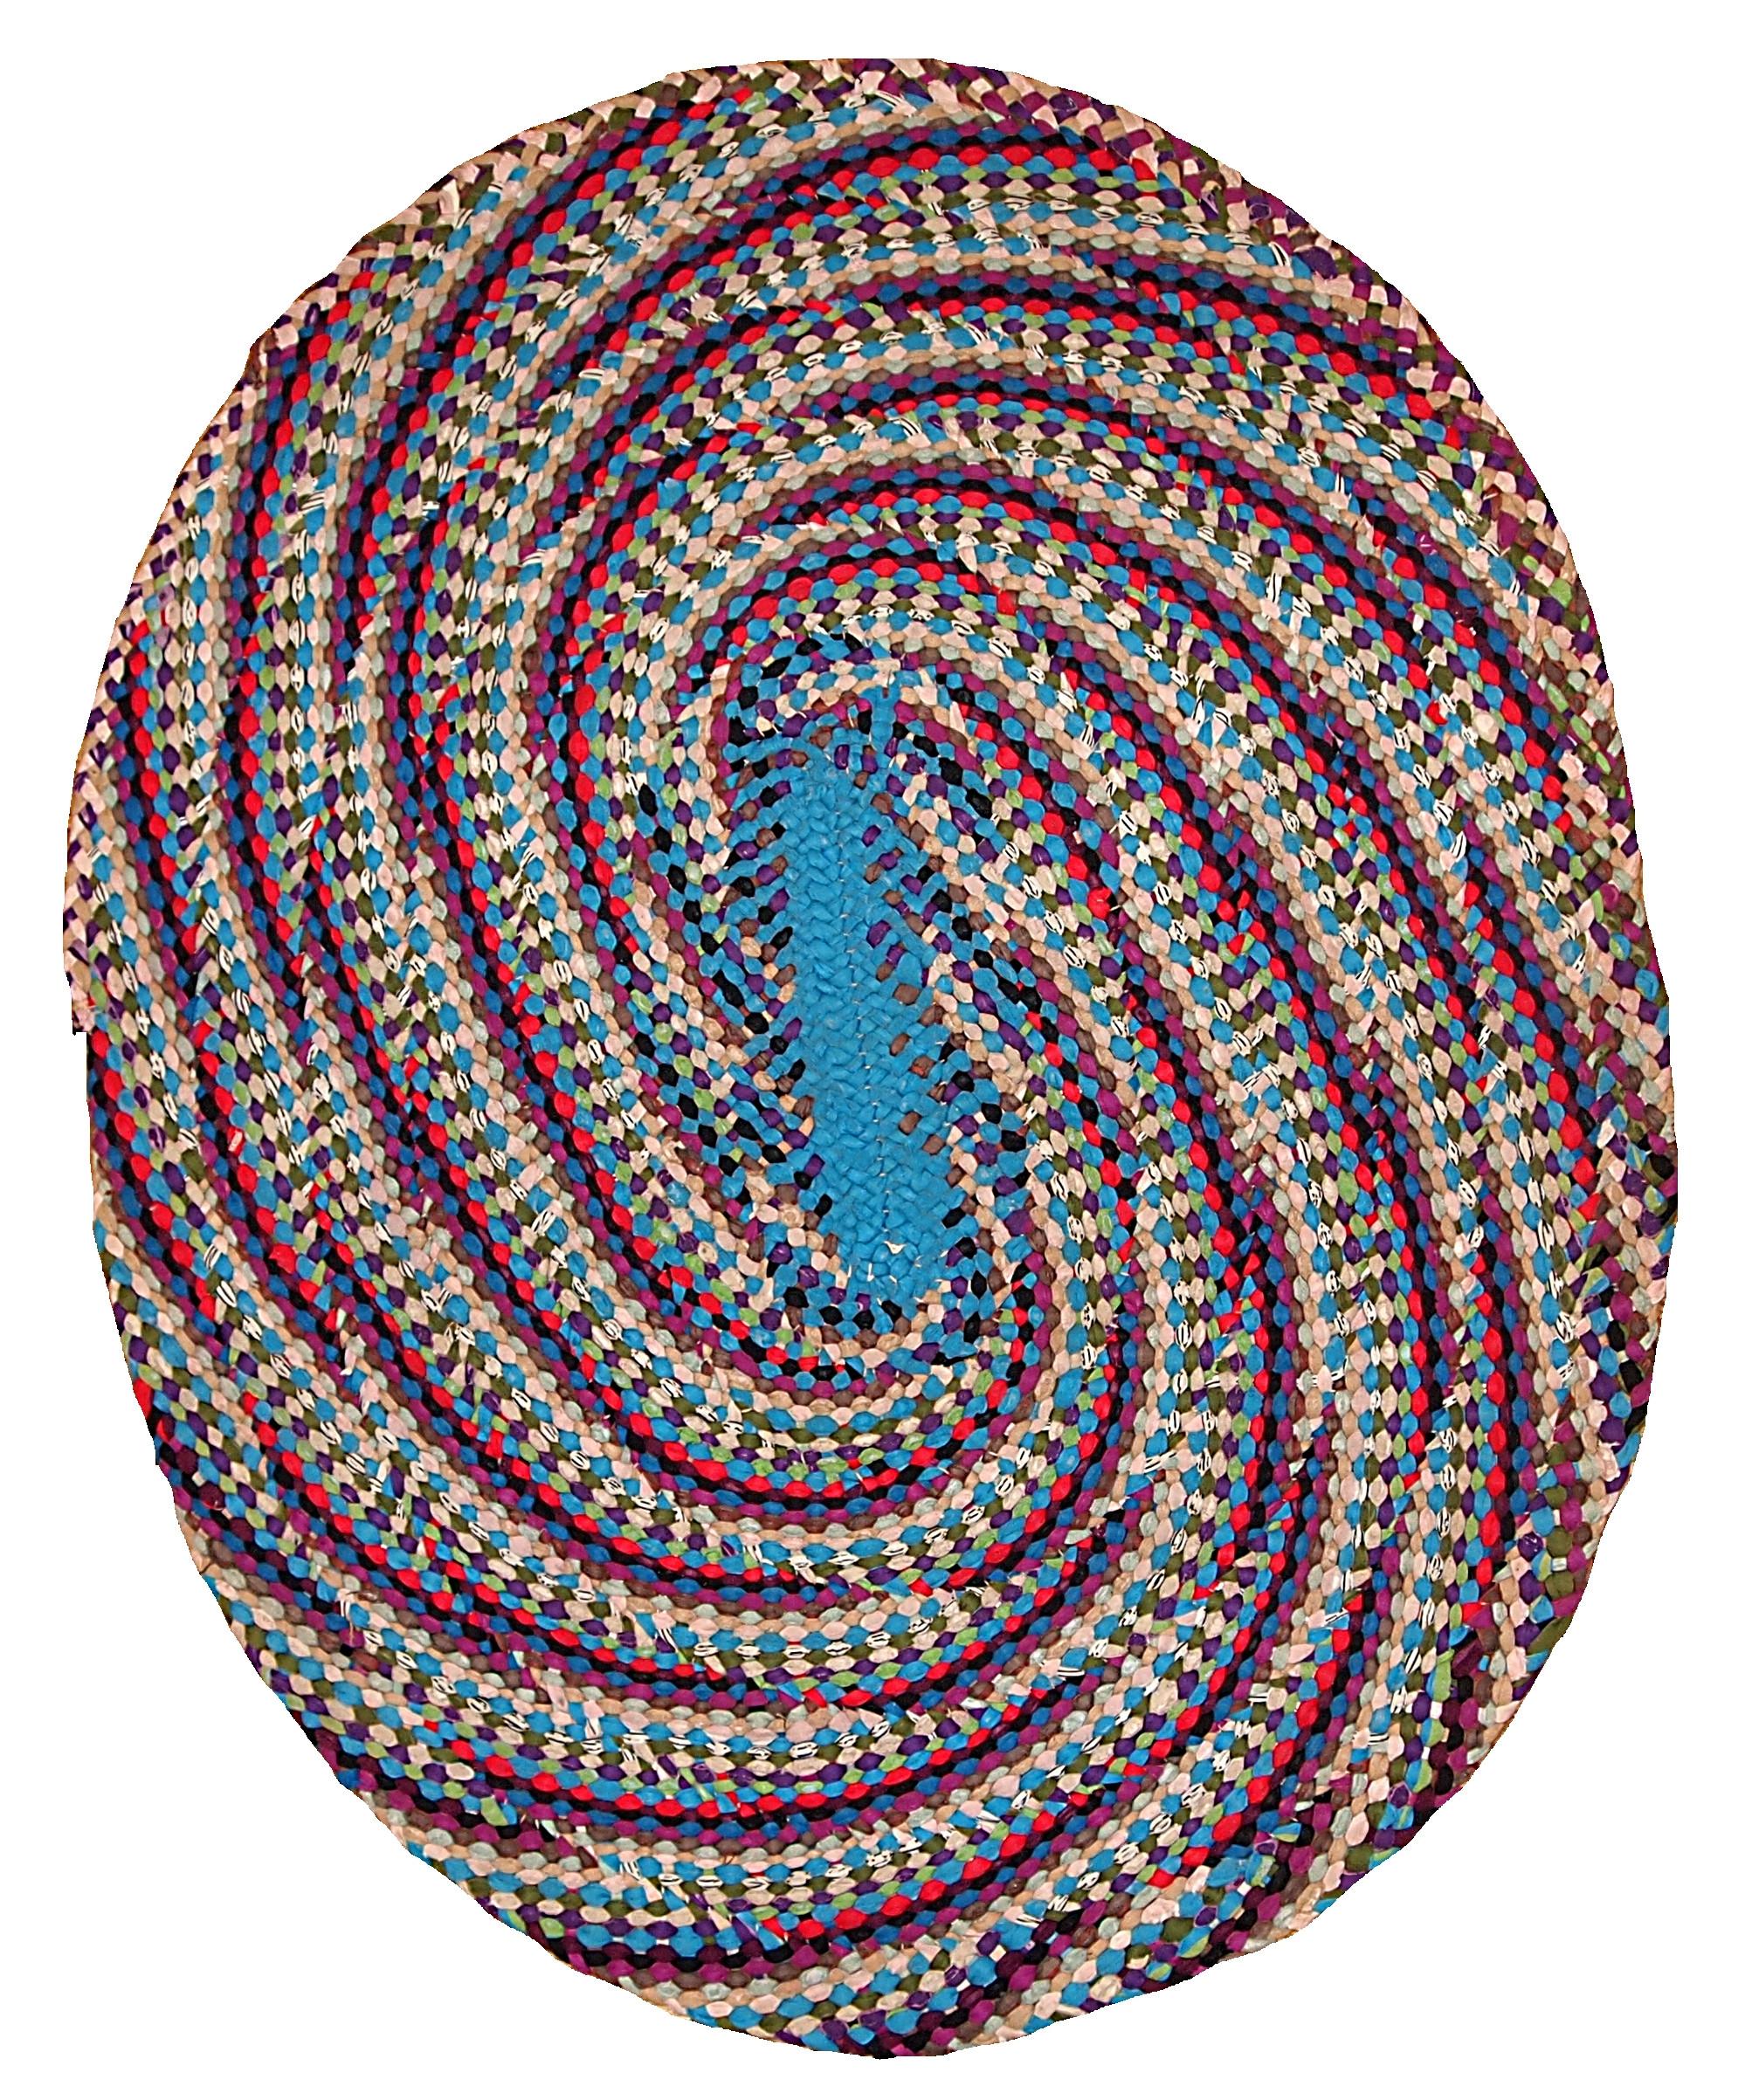 Handmade Vintage American Braided Rug